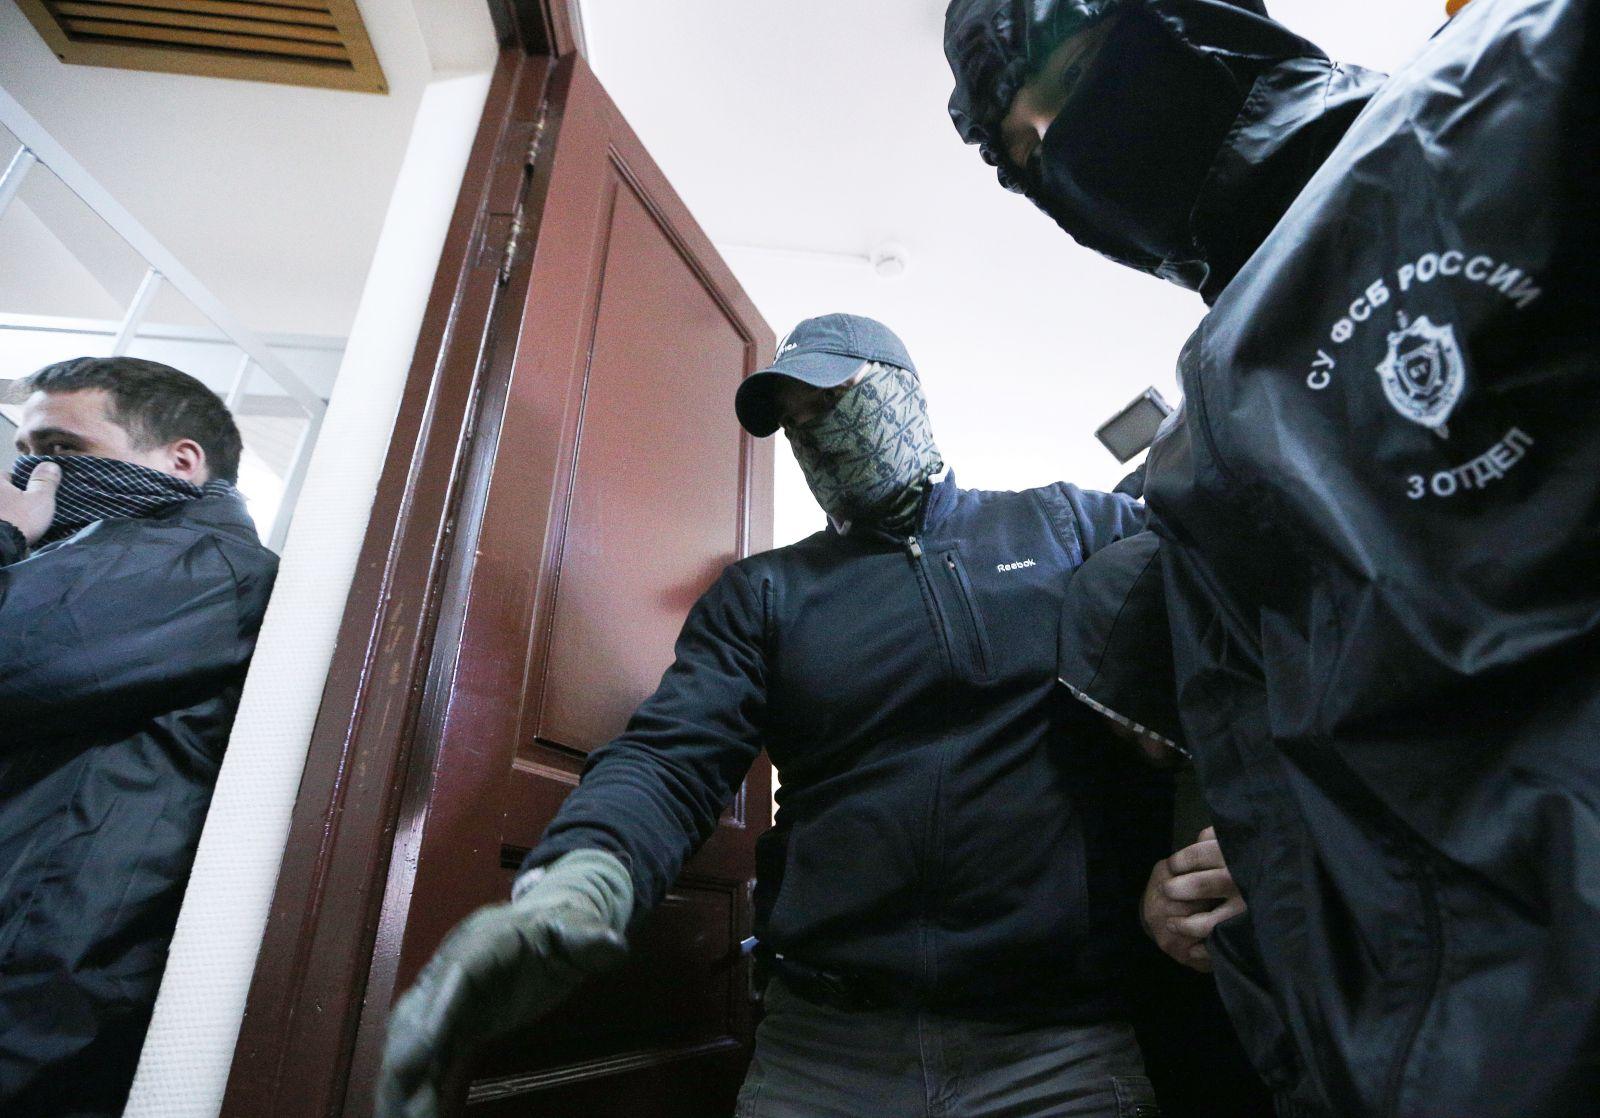 Суд Самары арестовал вероятностного пособника «Исламского государства», схваченного сбомбой вквартире